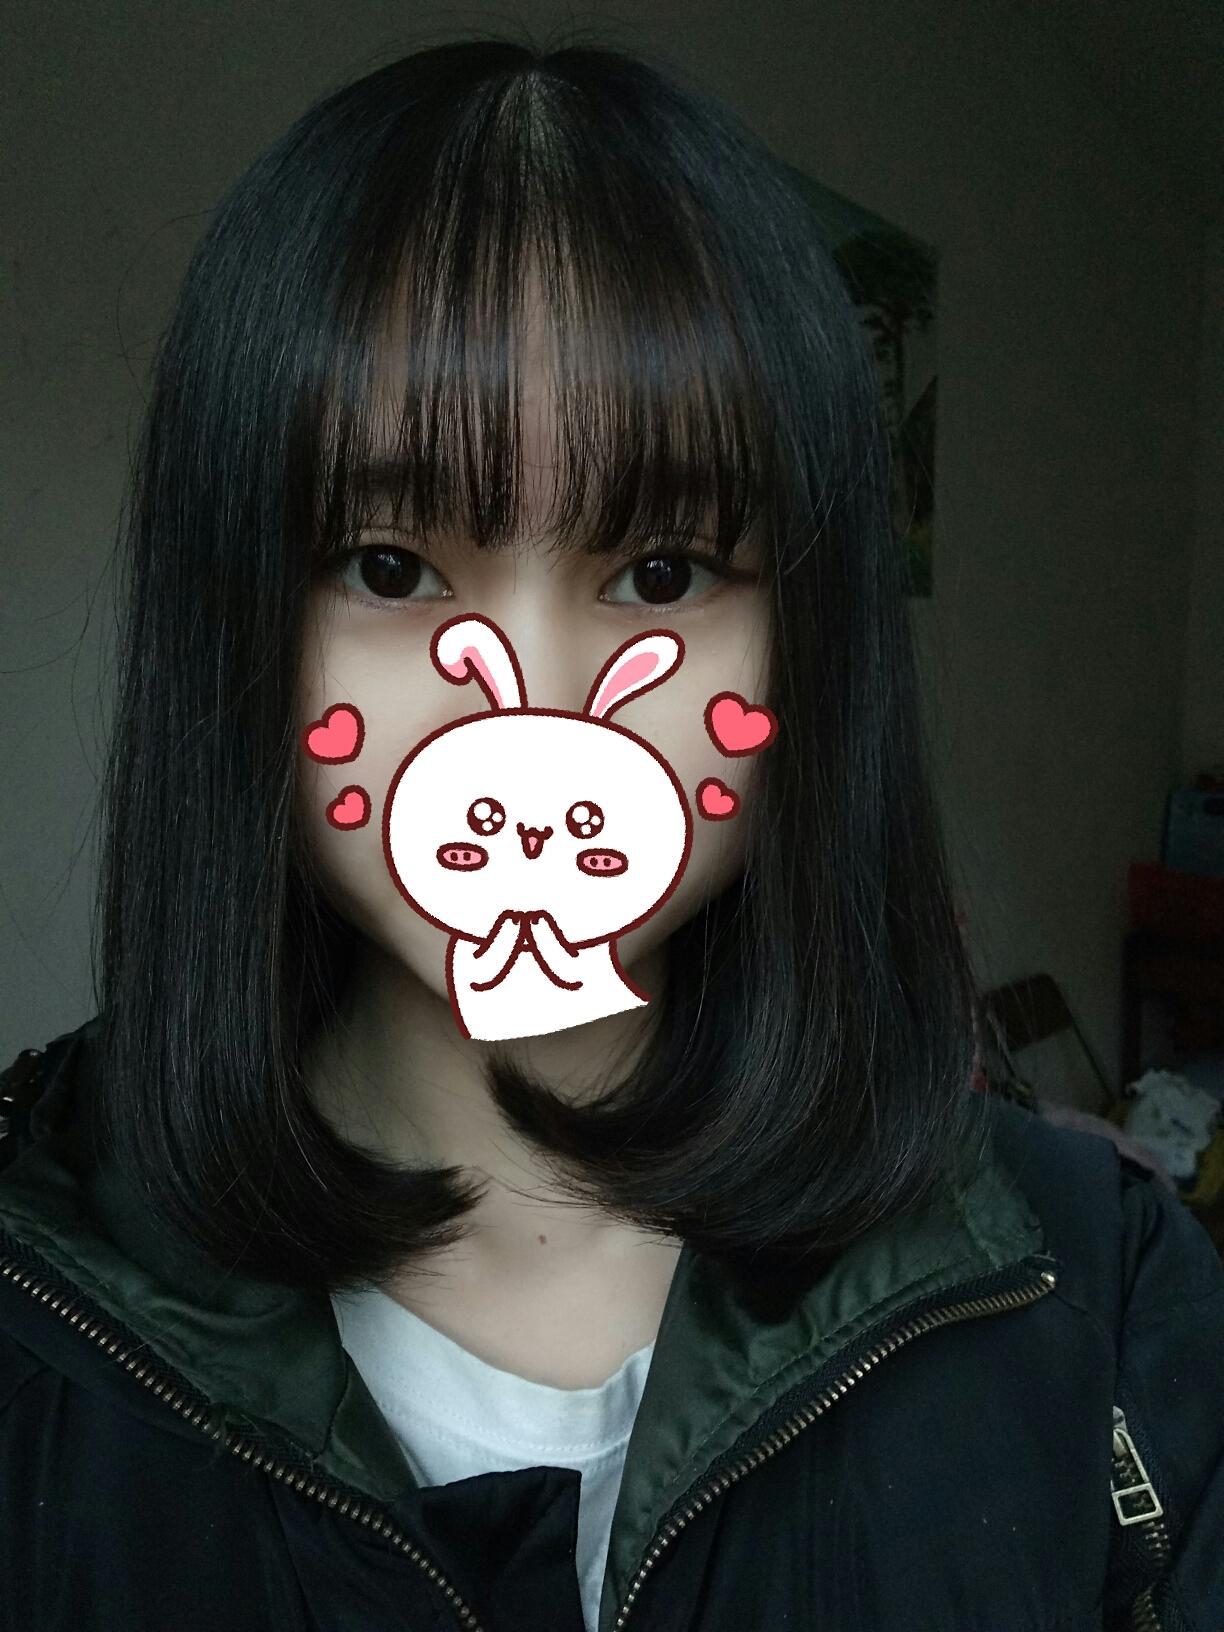 1484815895462_3d4d08c0-2535-4d25-8c20-5e88d7e1bcdc_by_weibo_editor.jpg